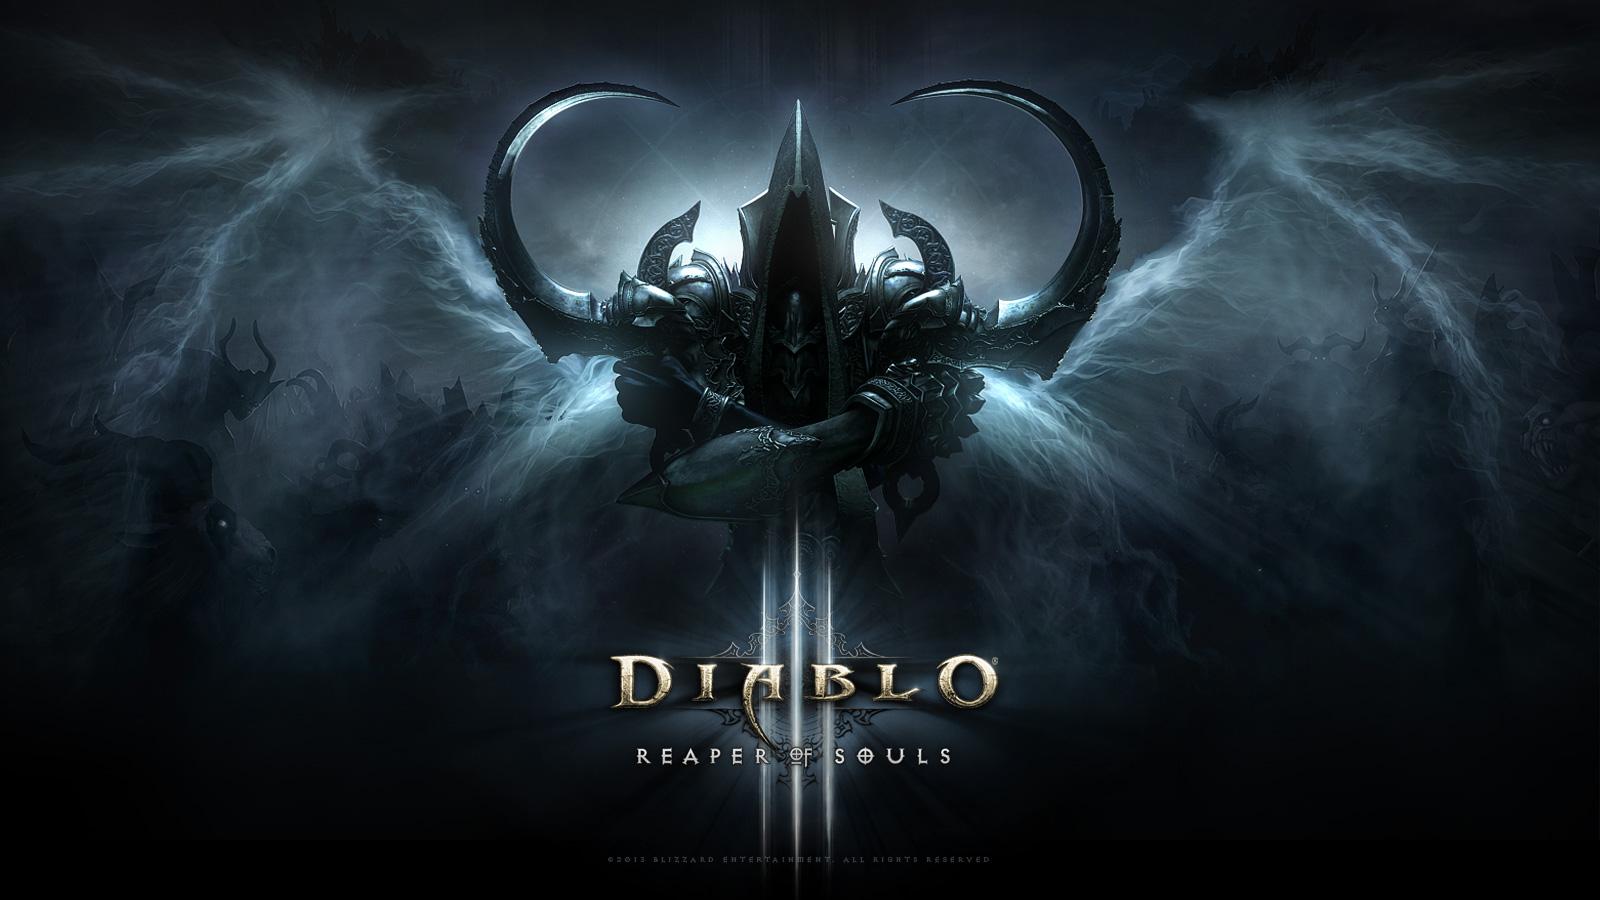 Wallpapers   Media   Diablo III 1600x900